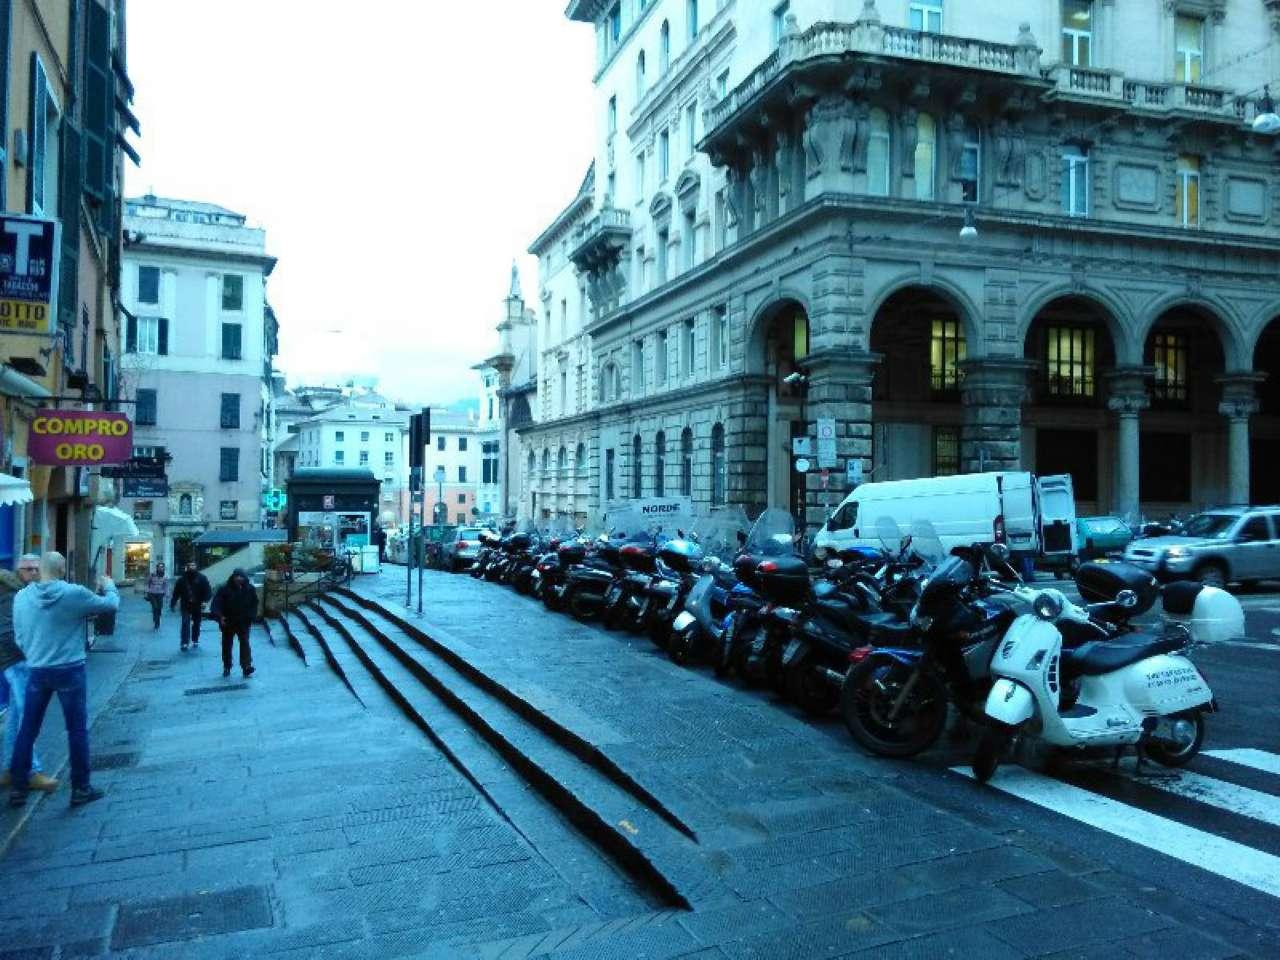 Negozio / Locale in vendita a Genova, 2 locali, zona Zona: 1 . Centro, Centro Storico, prezzo € 37.000 | CambioCasa.it